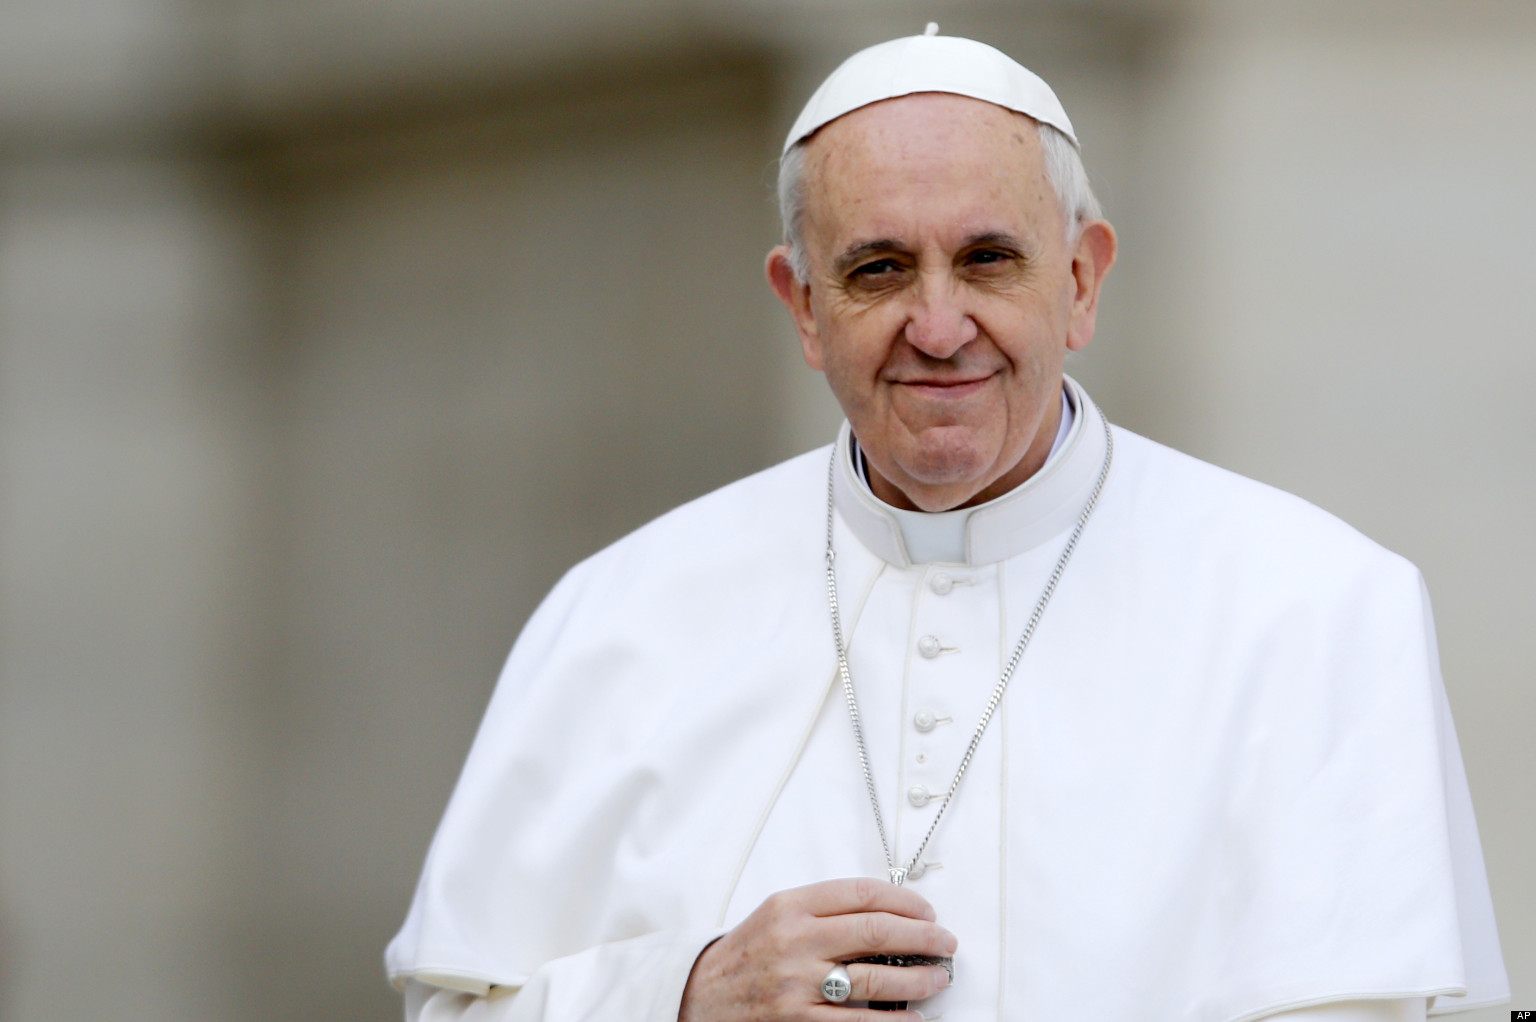 La esperada encíclica del papa Francisco denuncia la responsabilidad de las multinacionales en el calentamiento global y la inacción política al respecto